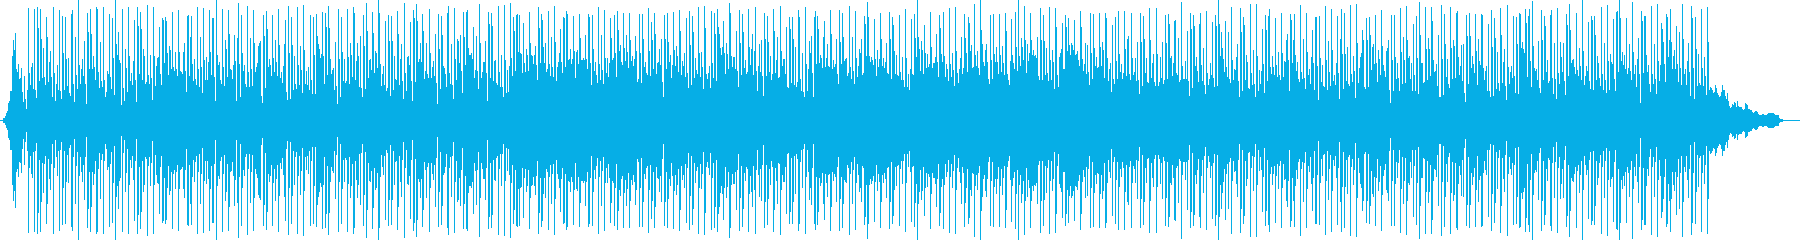 気だるい雰囲気のゆったりとしたルンバの再生済みの波形